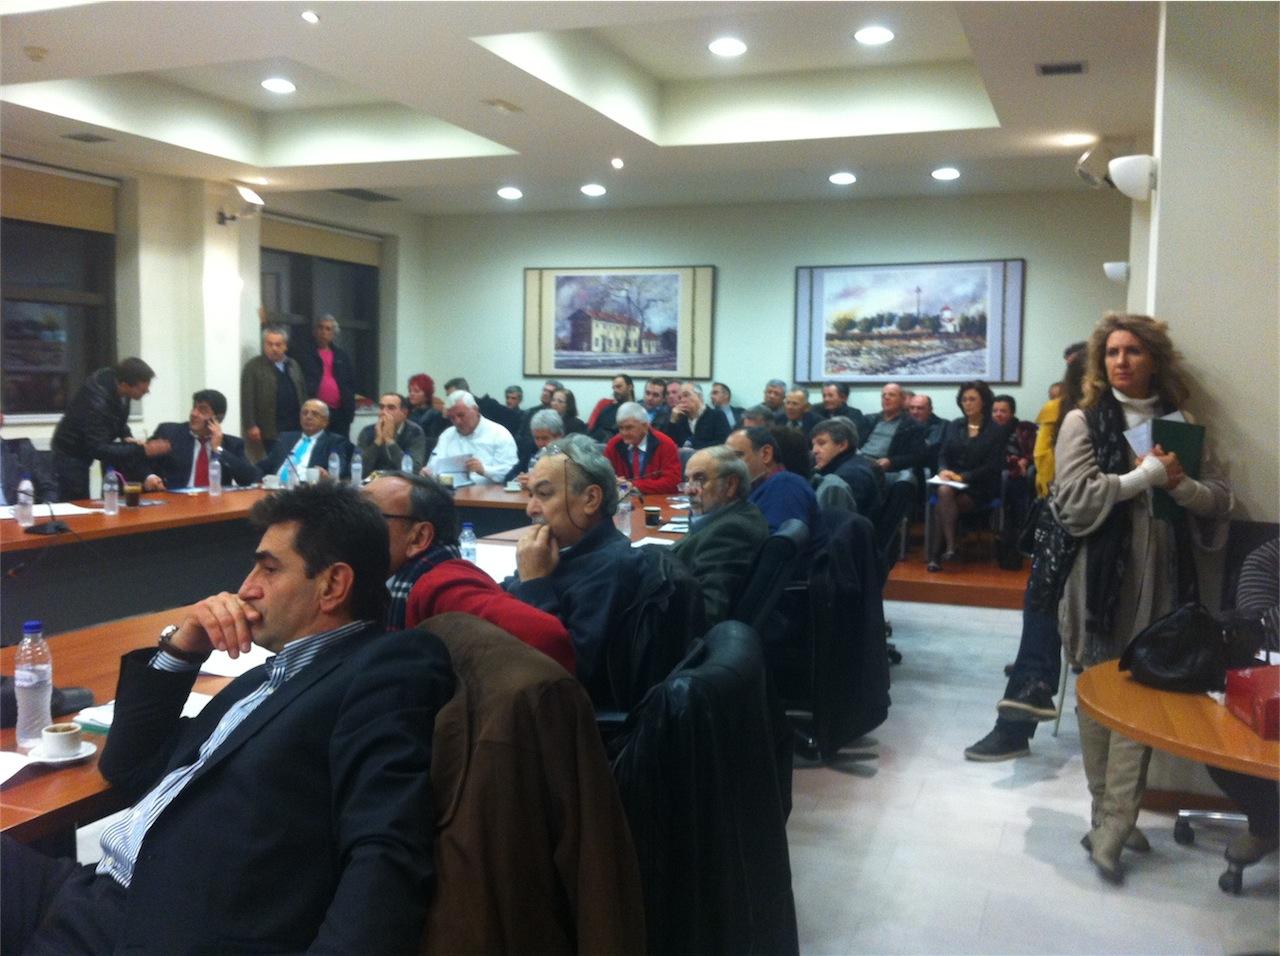 Συνεδρίαση ΔΣ για λύσεις χωροθέτησης σταθμού ΚΤΕΛ Αλεξ/πολης (17/1/2013, 19:05)